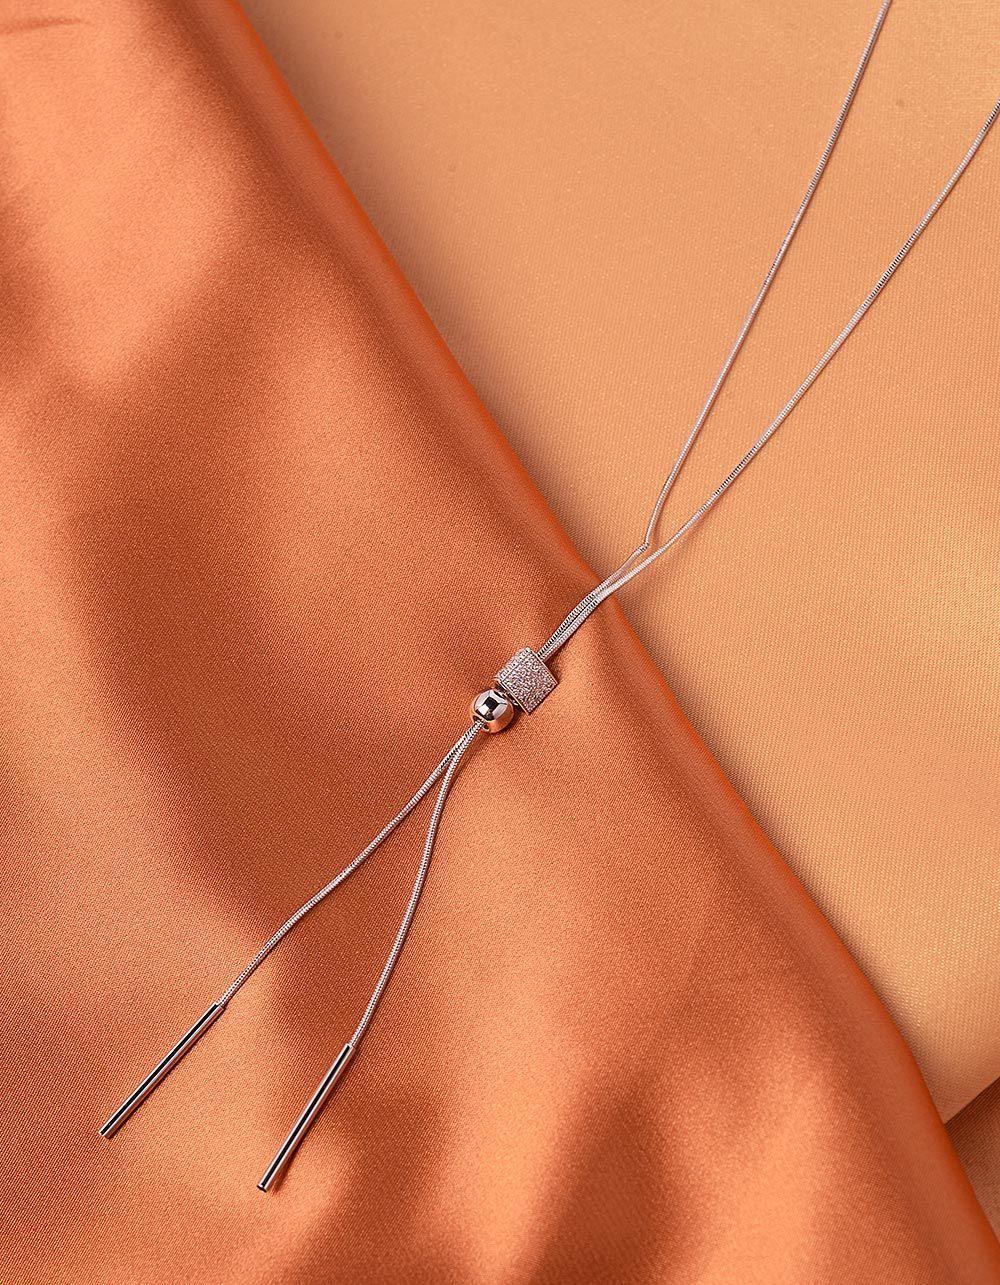 Підвіска на шию довга з намистиною інкрустована стразами | 240019-06-XX